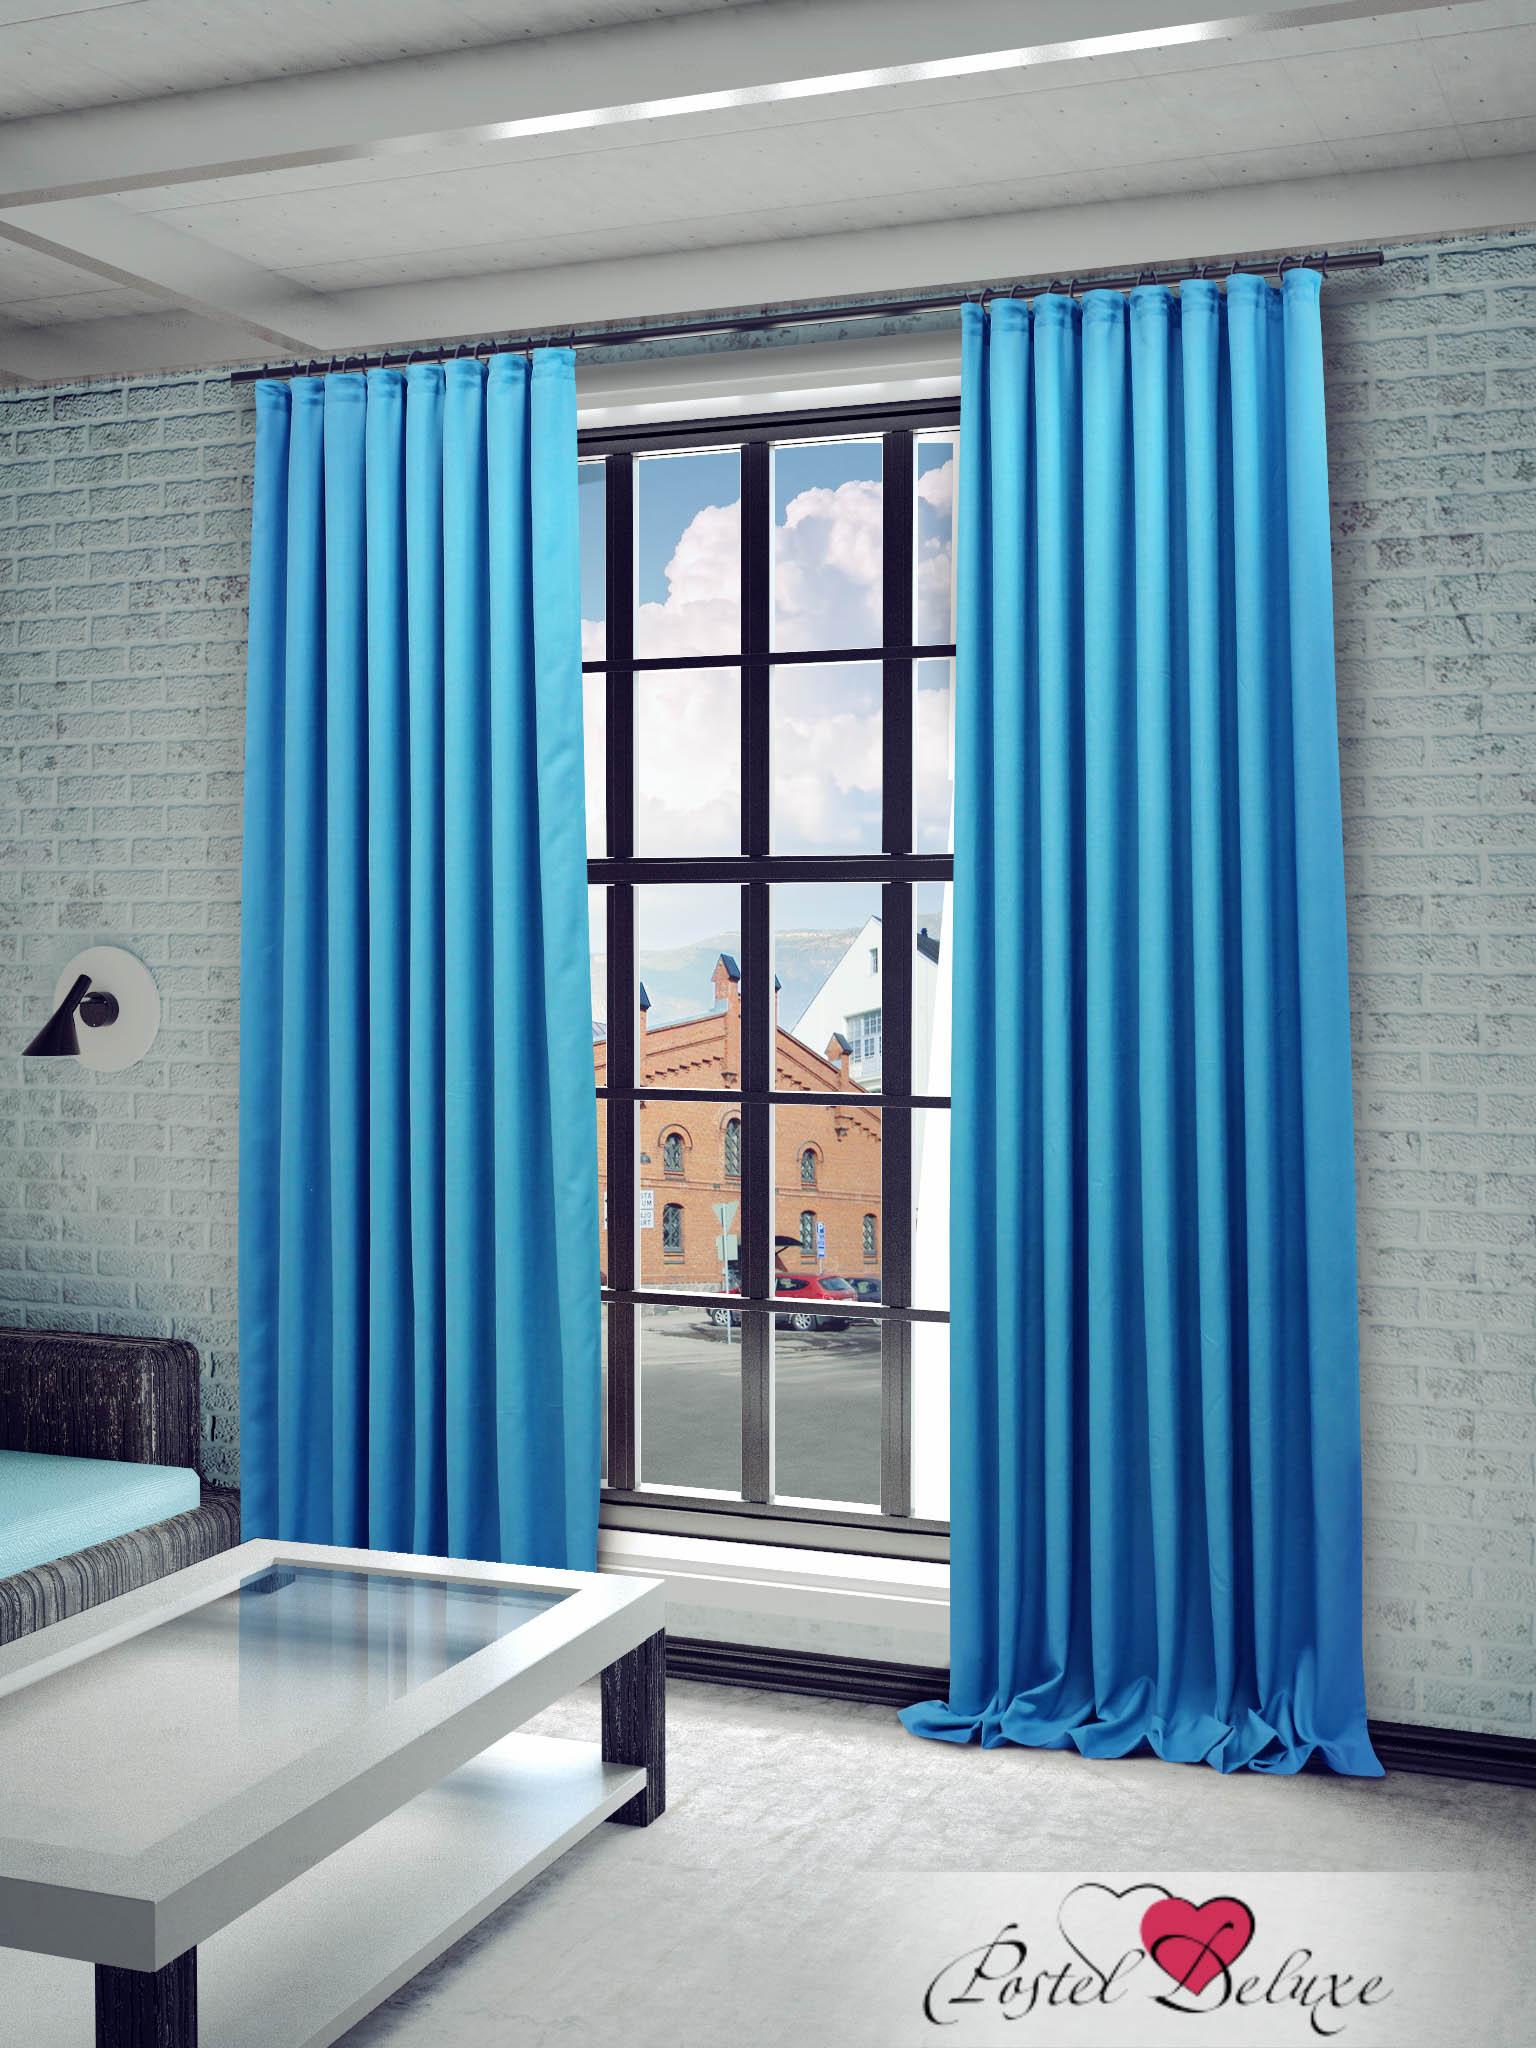 Купить Шторы Sanpa, Классические шторы Джоди Цвет: Бирюзовый, Россия, Голубой, Портьерная ткань